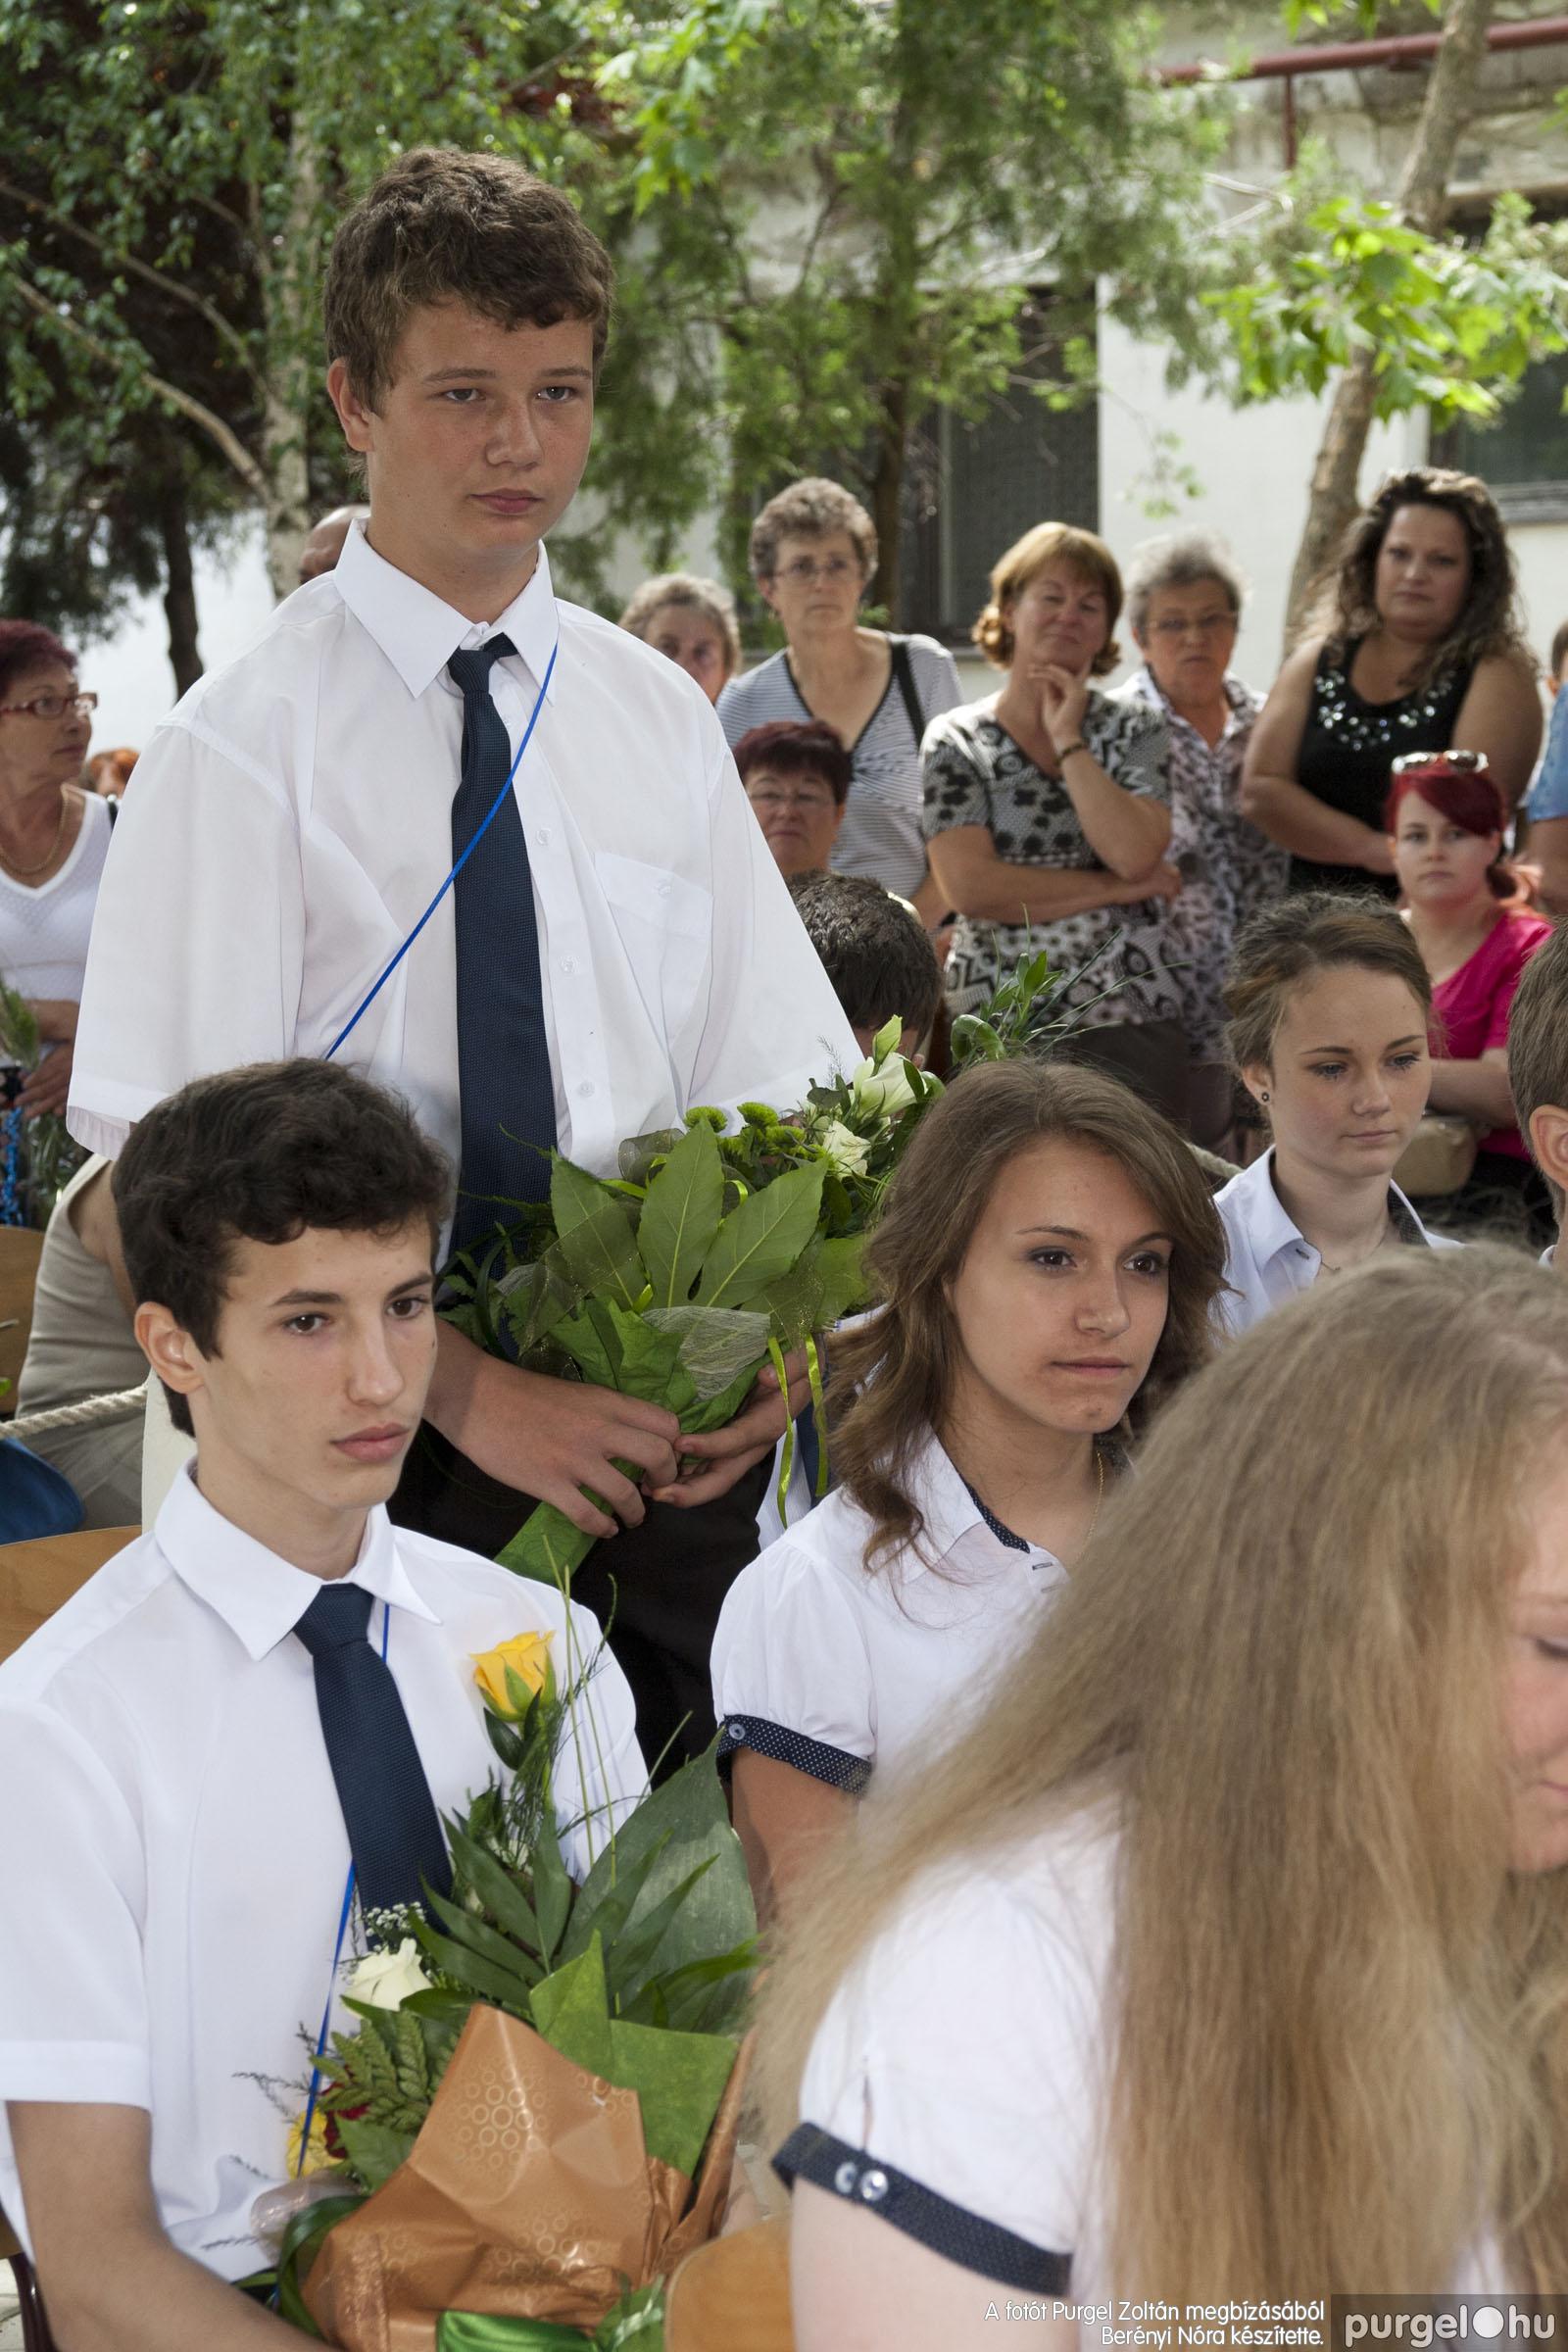 2014.06.14. 231 Forray Máté Általános Iskola ballagás 2014. - Fotó:BERÉNYI NÓRA© _MG_5884.jpg